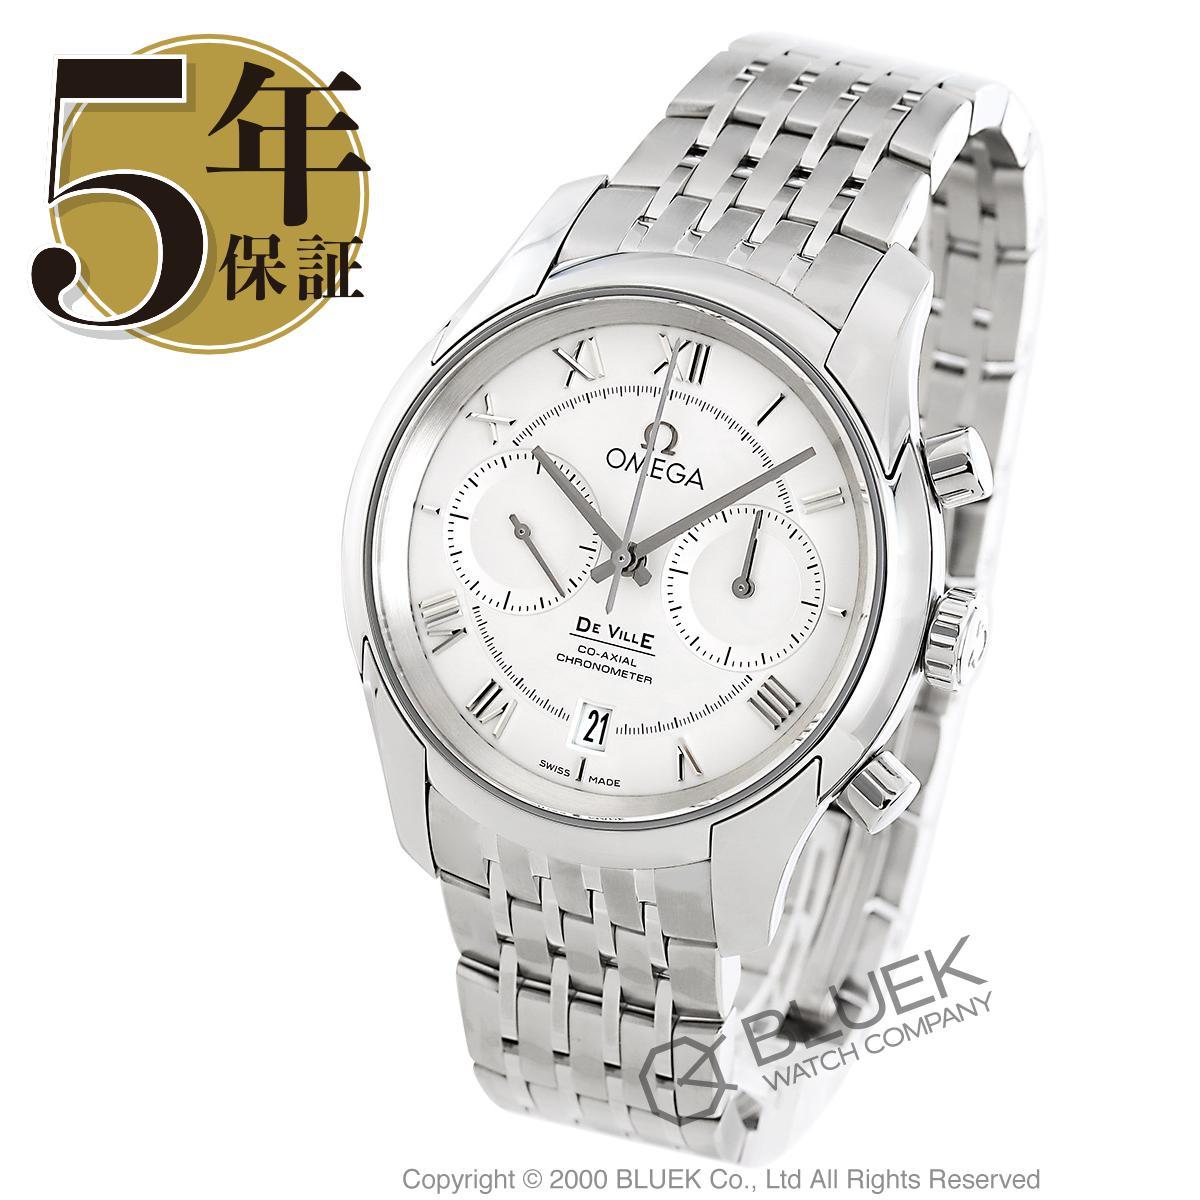 オメガ デビル コーアクシャル クロノグラフ 腕時計 メンズ OMEGA 431.10.42.51.02.001_5